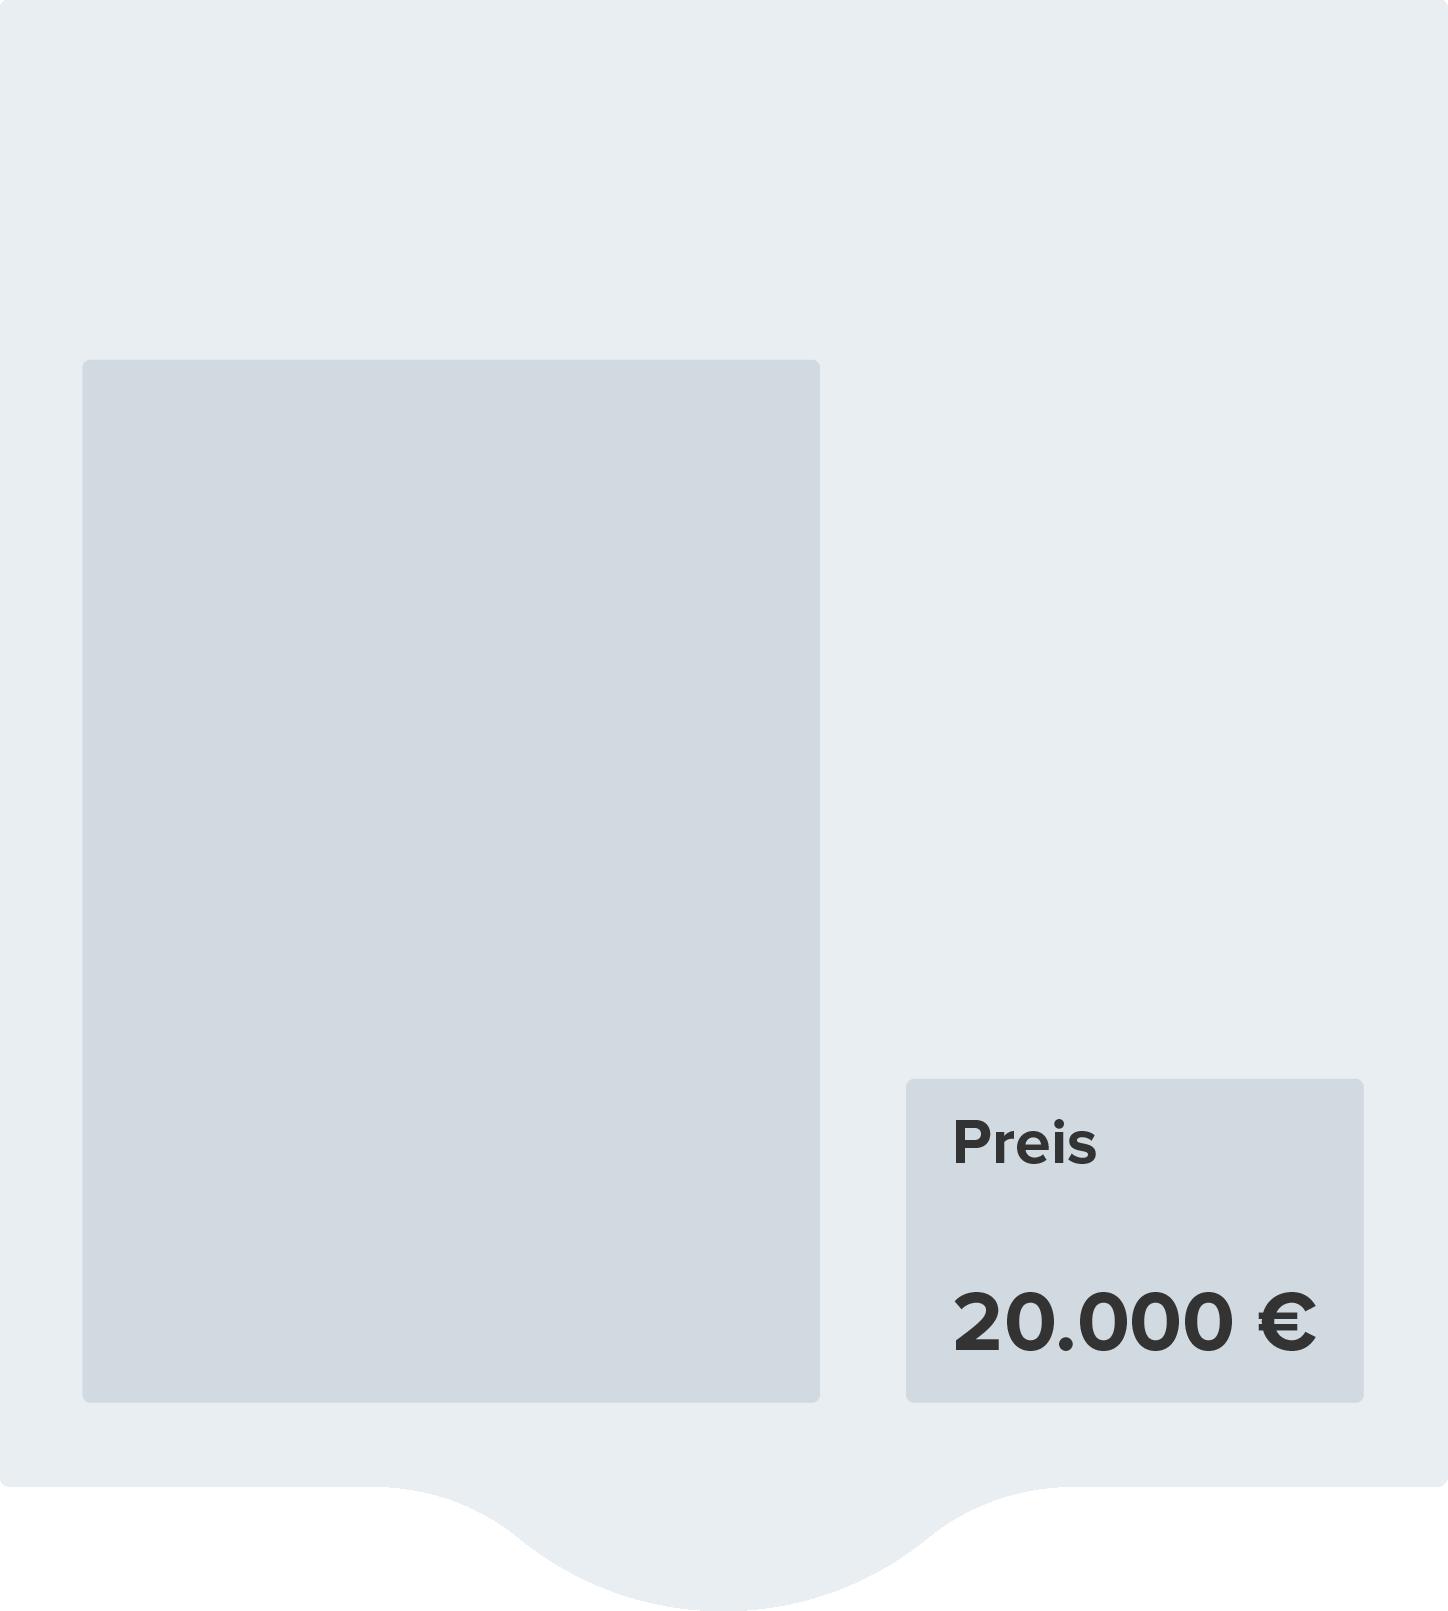 Elektronisches Preisschild vor Preisänderung